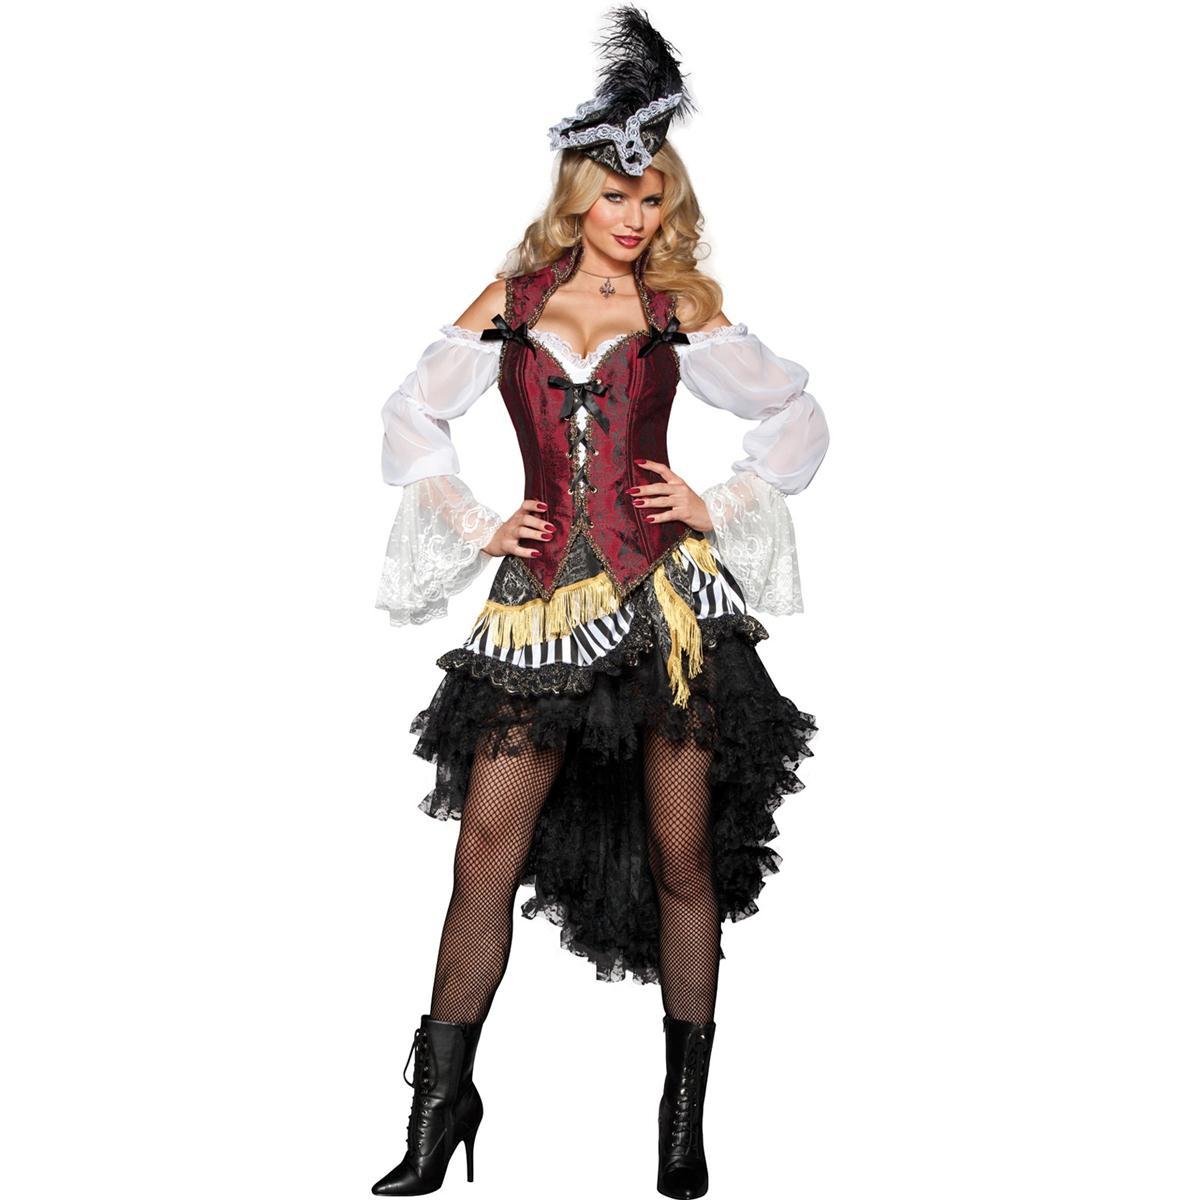 パイレーツ 海賊 ハロウィン コスプレ 衣装 公海の女海賊 大人用コスチューム ハロウィン コスチューム あす楽